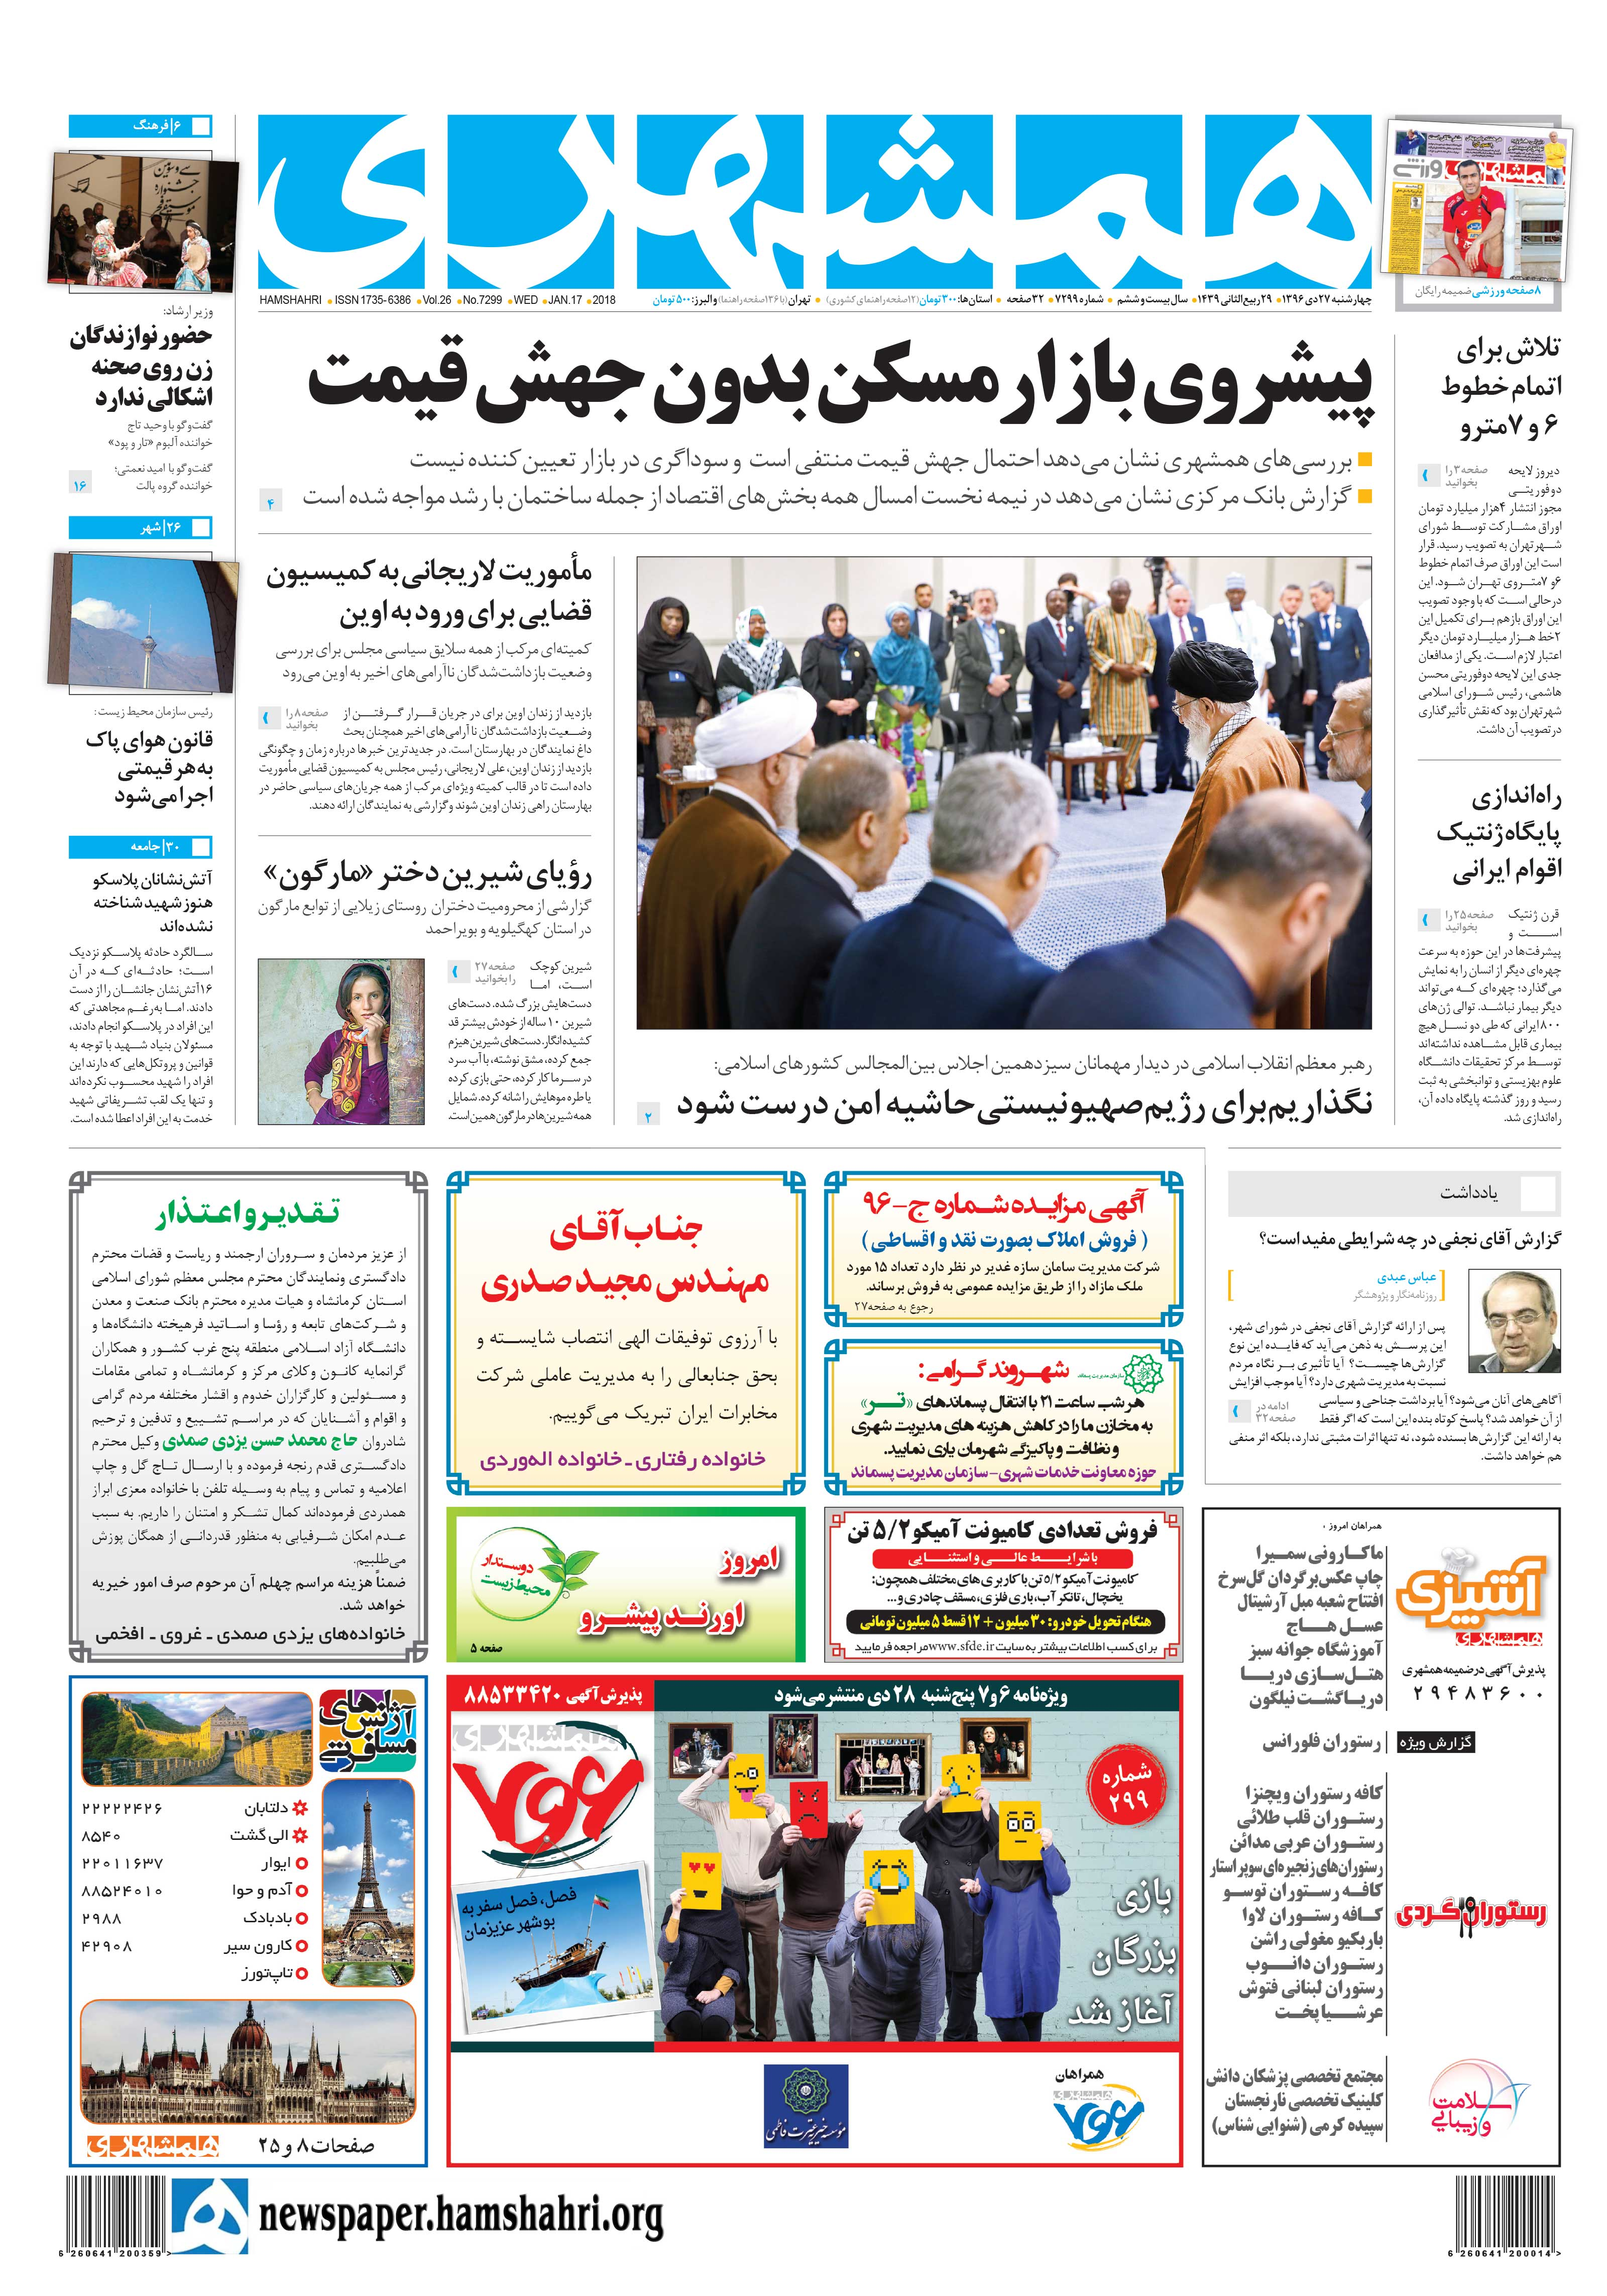 صفحه اول چهارشنبه 27 دیماه 1396